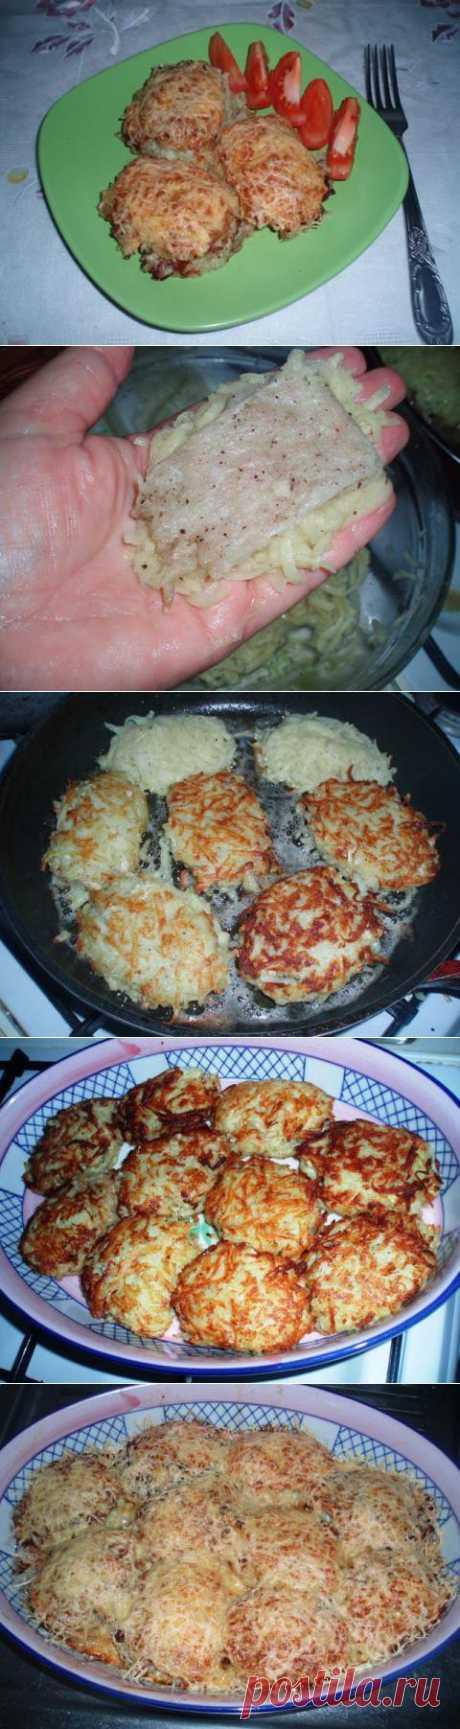 Мясо в шубе из картофеля. | 4vkusa.ru